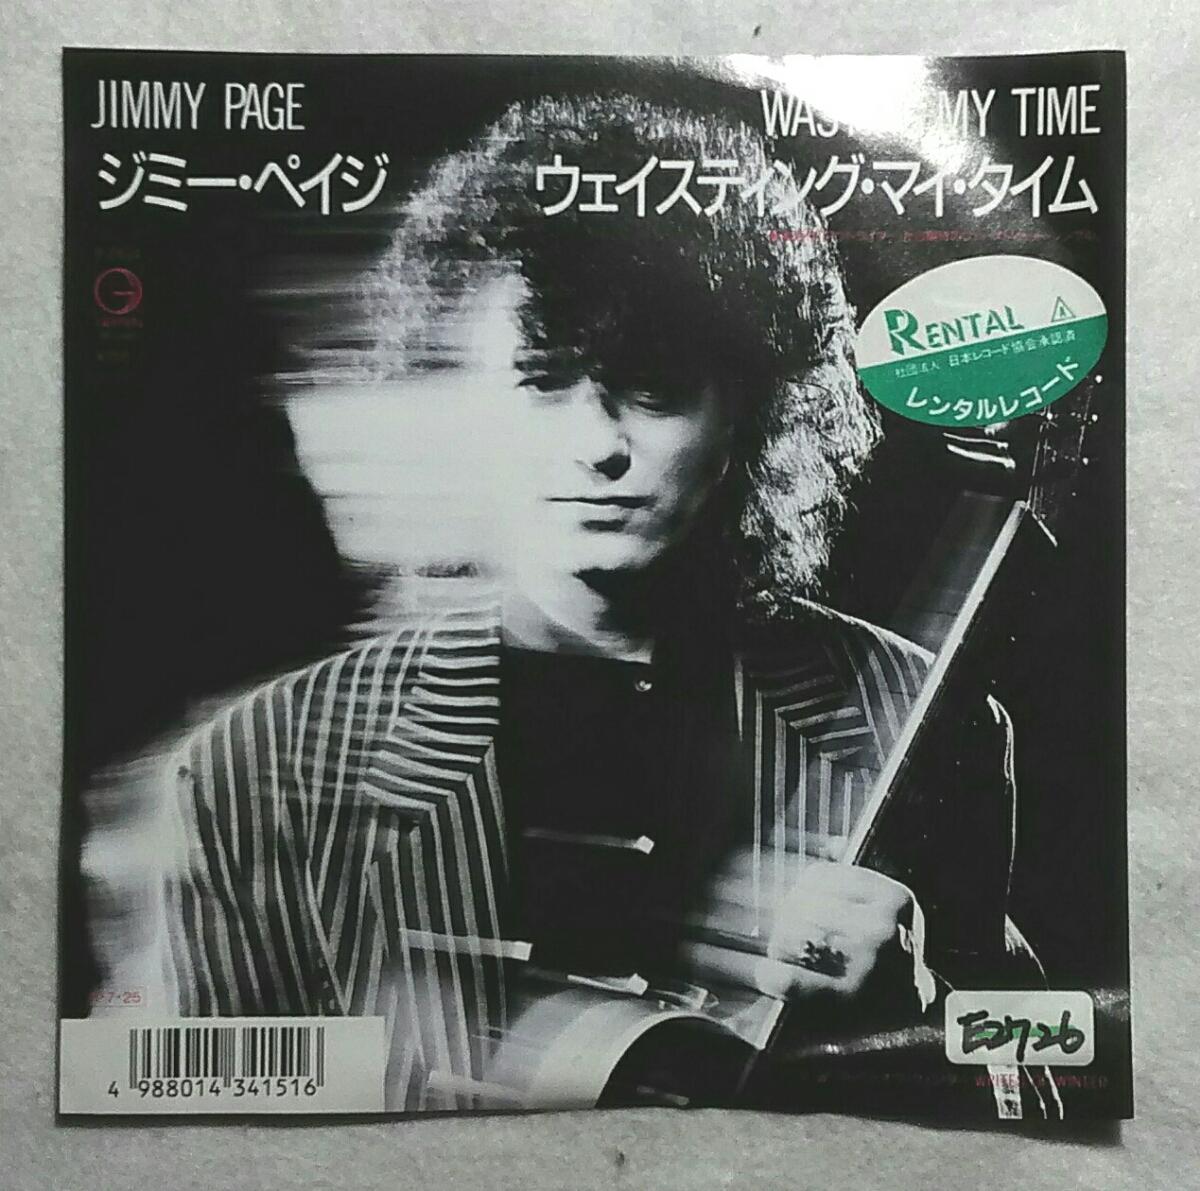 邦盤7' JIMMY PAGE / WASTING MY TIME / WRITES OF WINTER P-2414_画像1